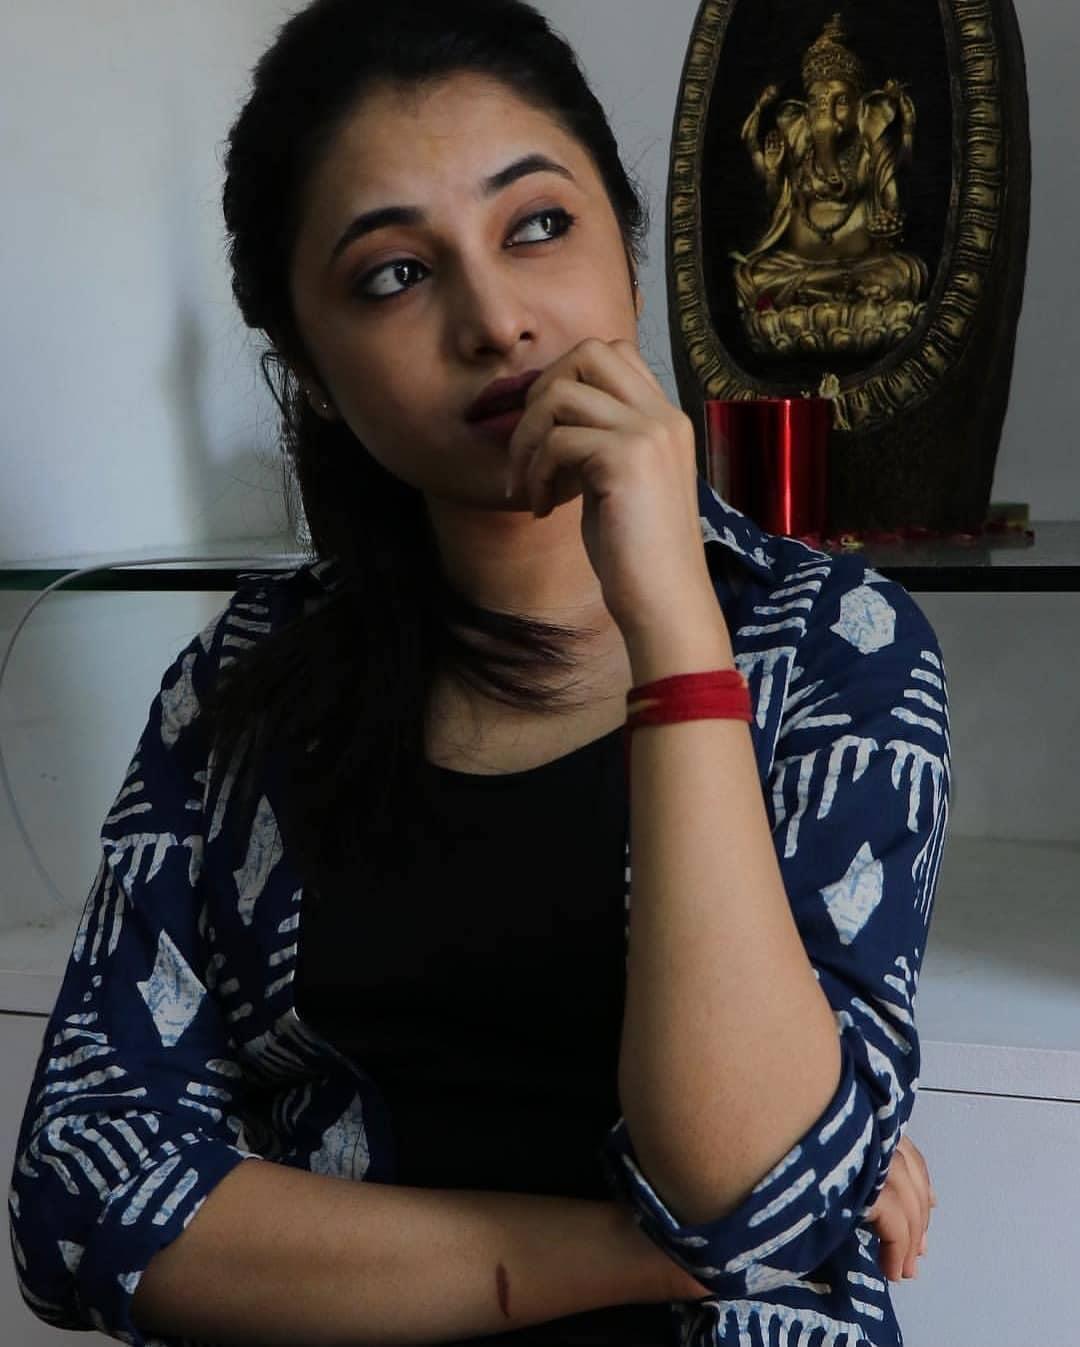 ప్రియాంక అరుల్ మోహన్ అదిరిపోయే ఫోటోస్.. Instagram/priyankaarulmohan